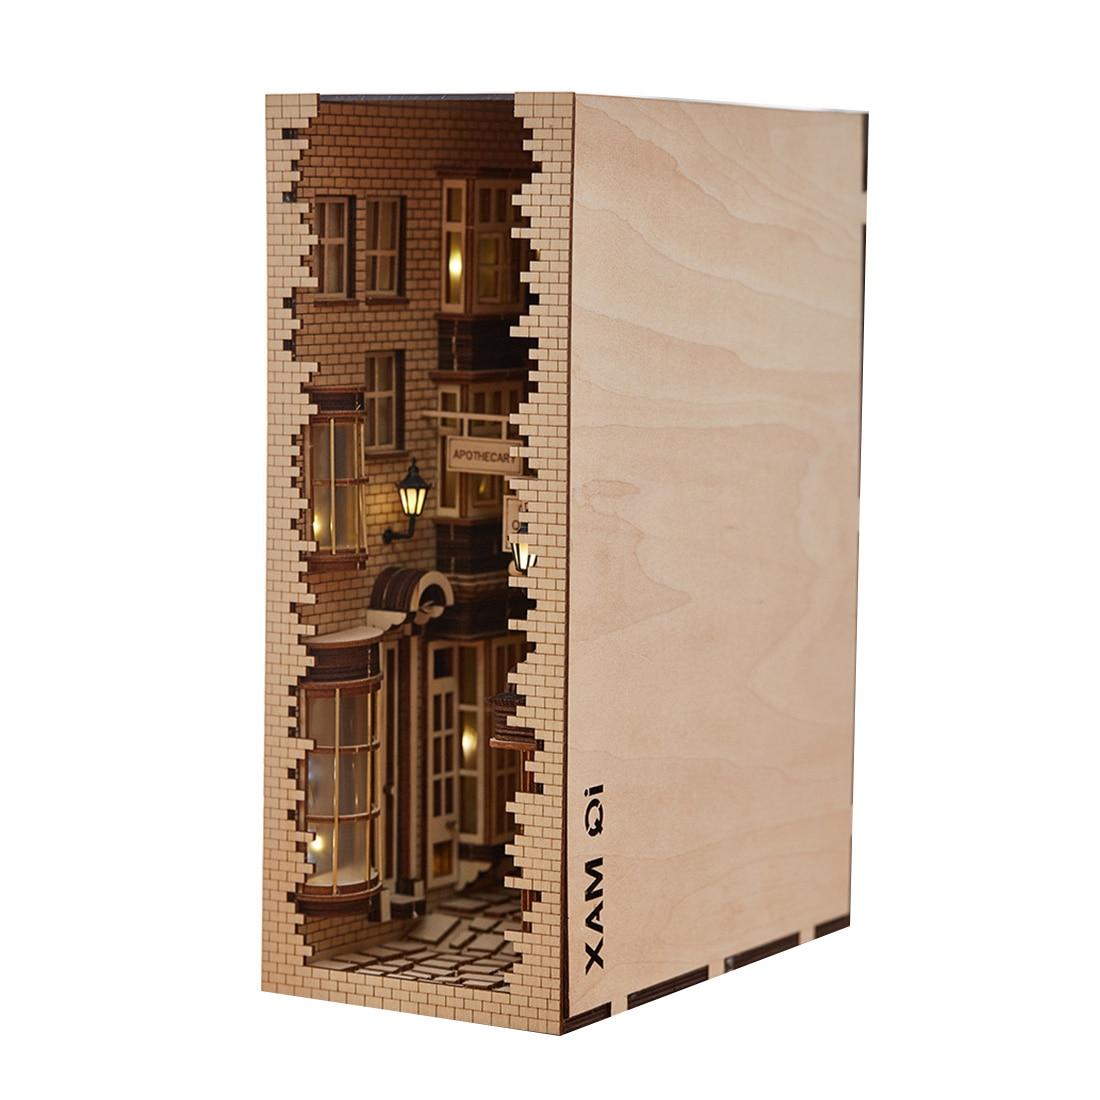 H803188ca78504ad19882b56547c706deb - Robotime - DIY Models, DIY Miniature Houses, 3d Wooden Puzzle